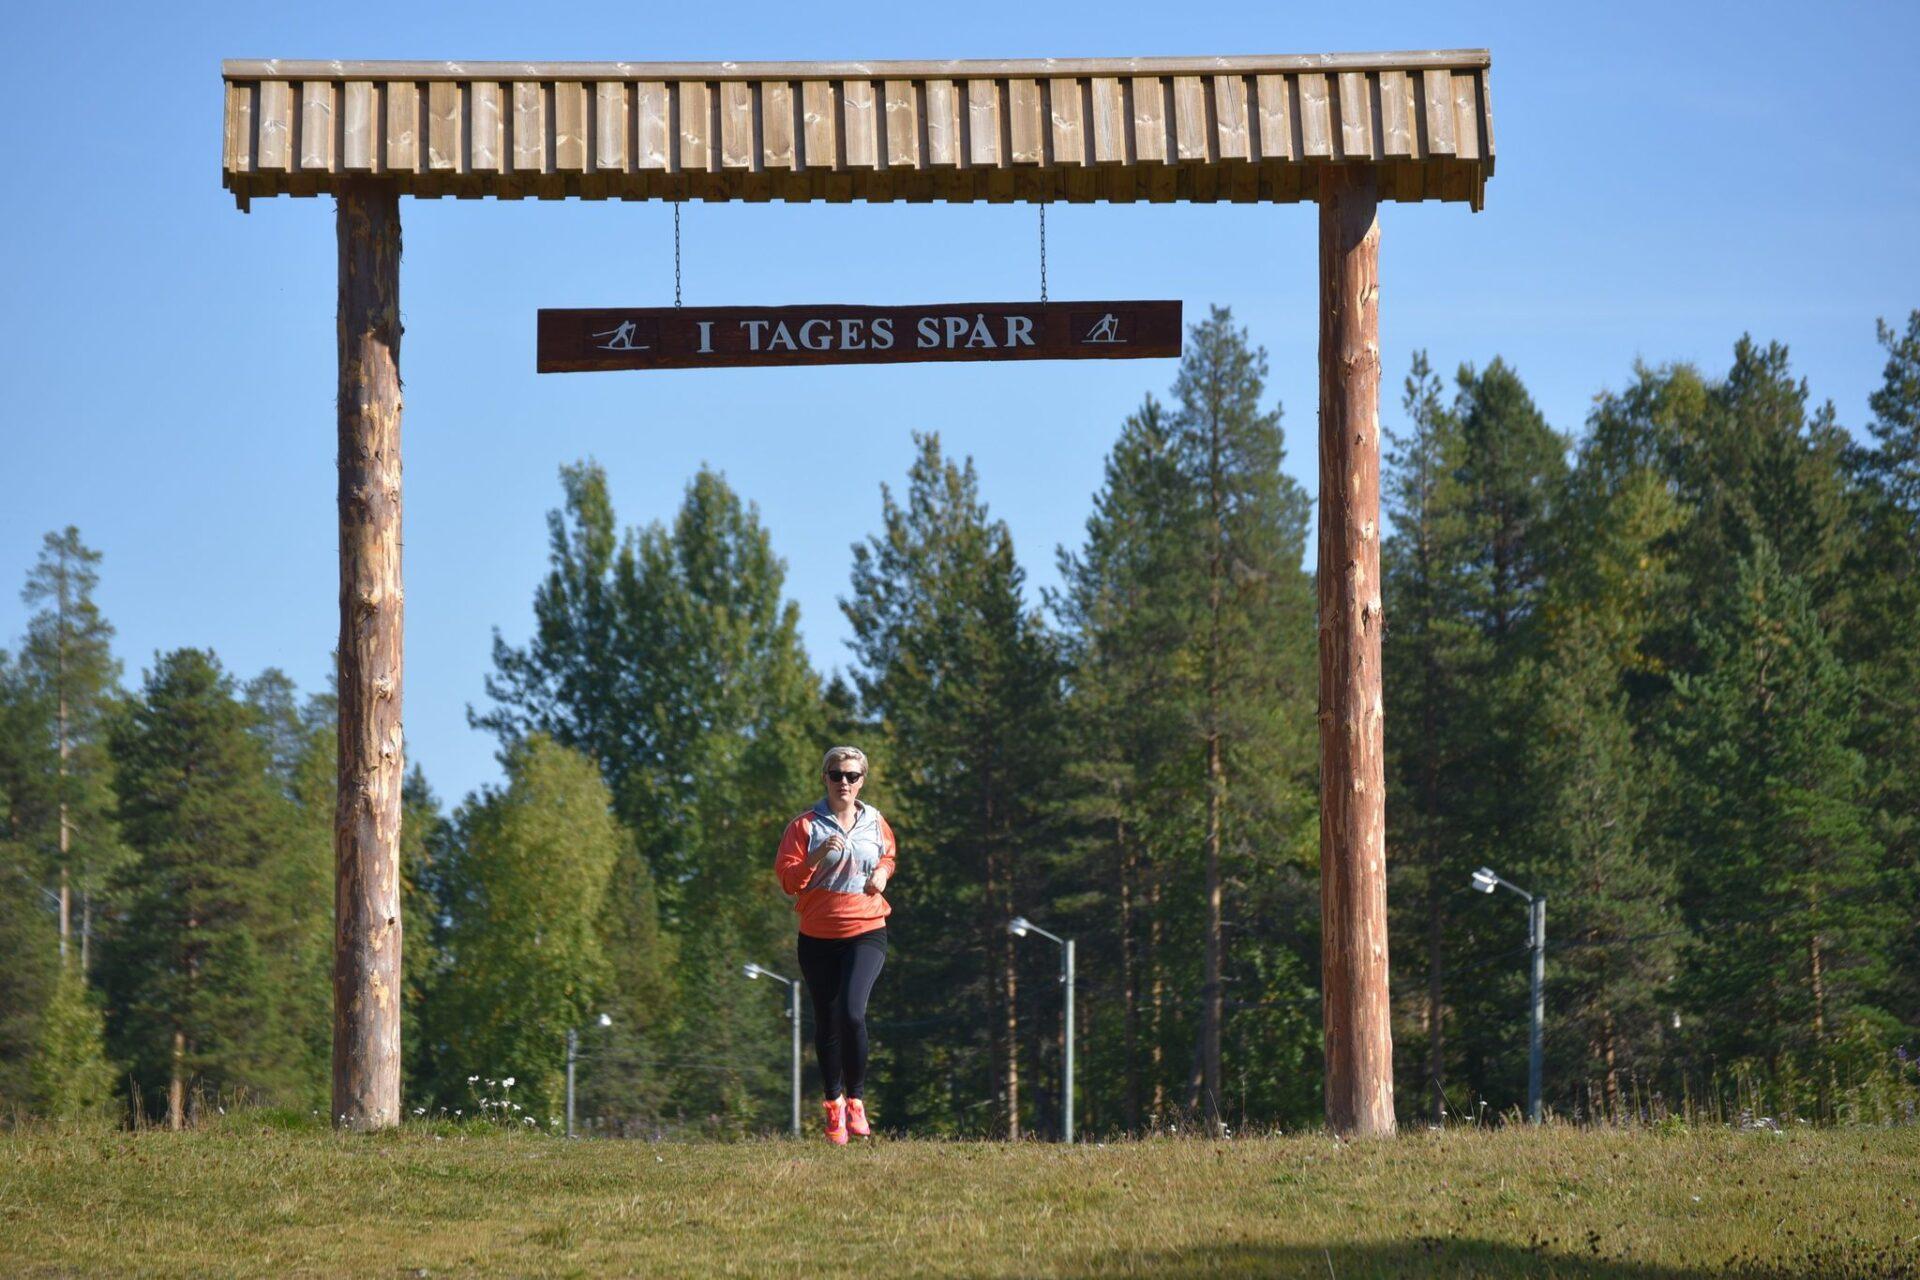 Löpning I Tages Spår Foto Daniel Svensson